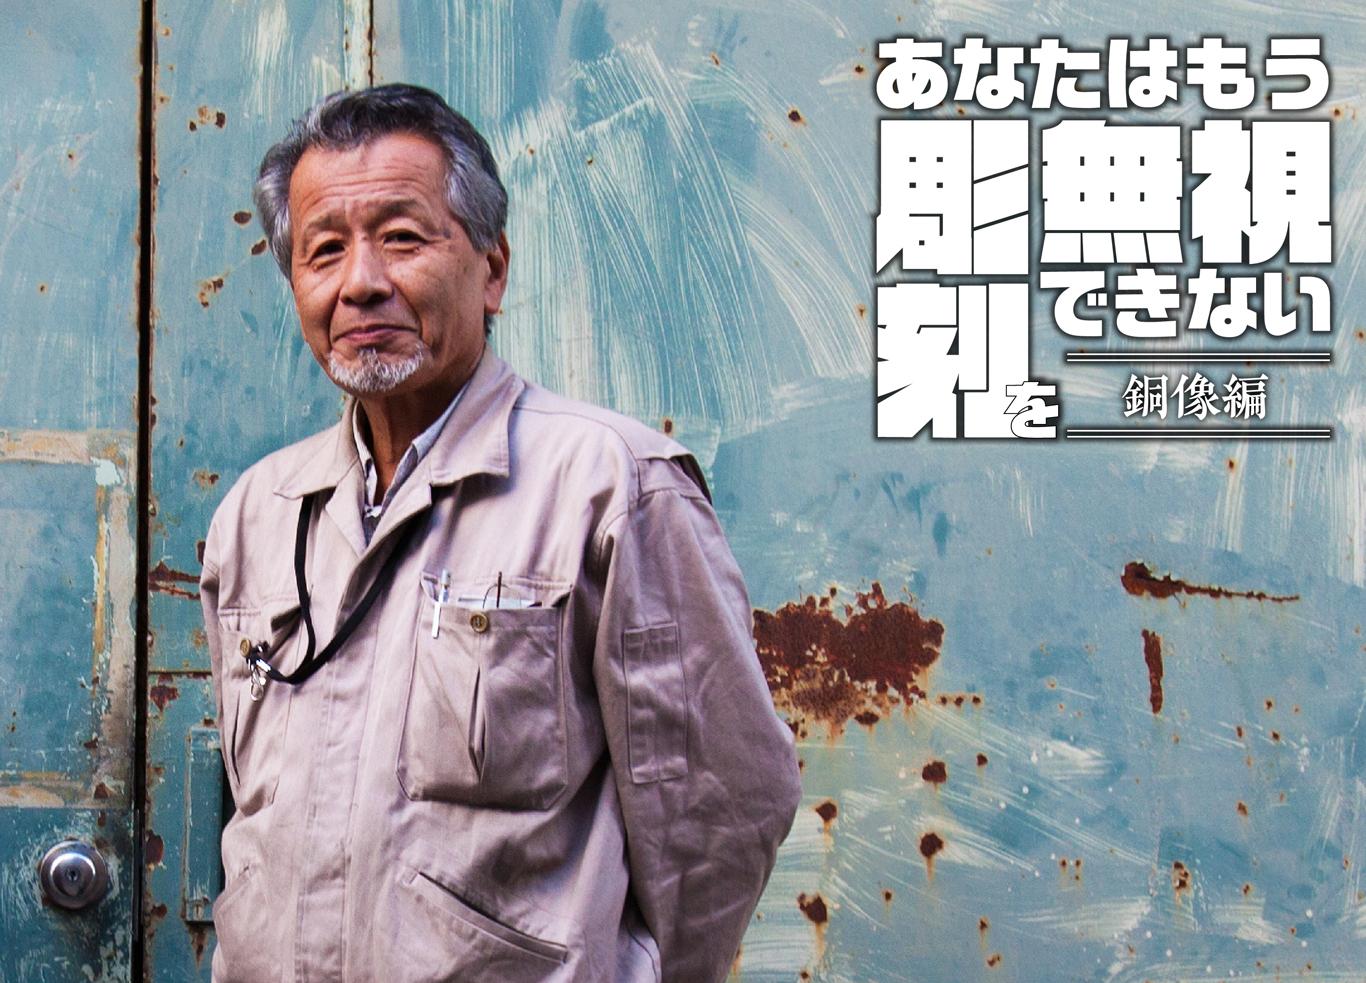 日本の銅像の9割以上!?? を生産する、高岡の職人に話を聞いてきた